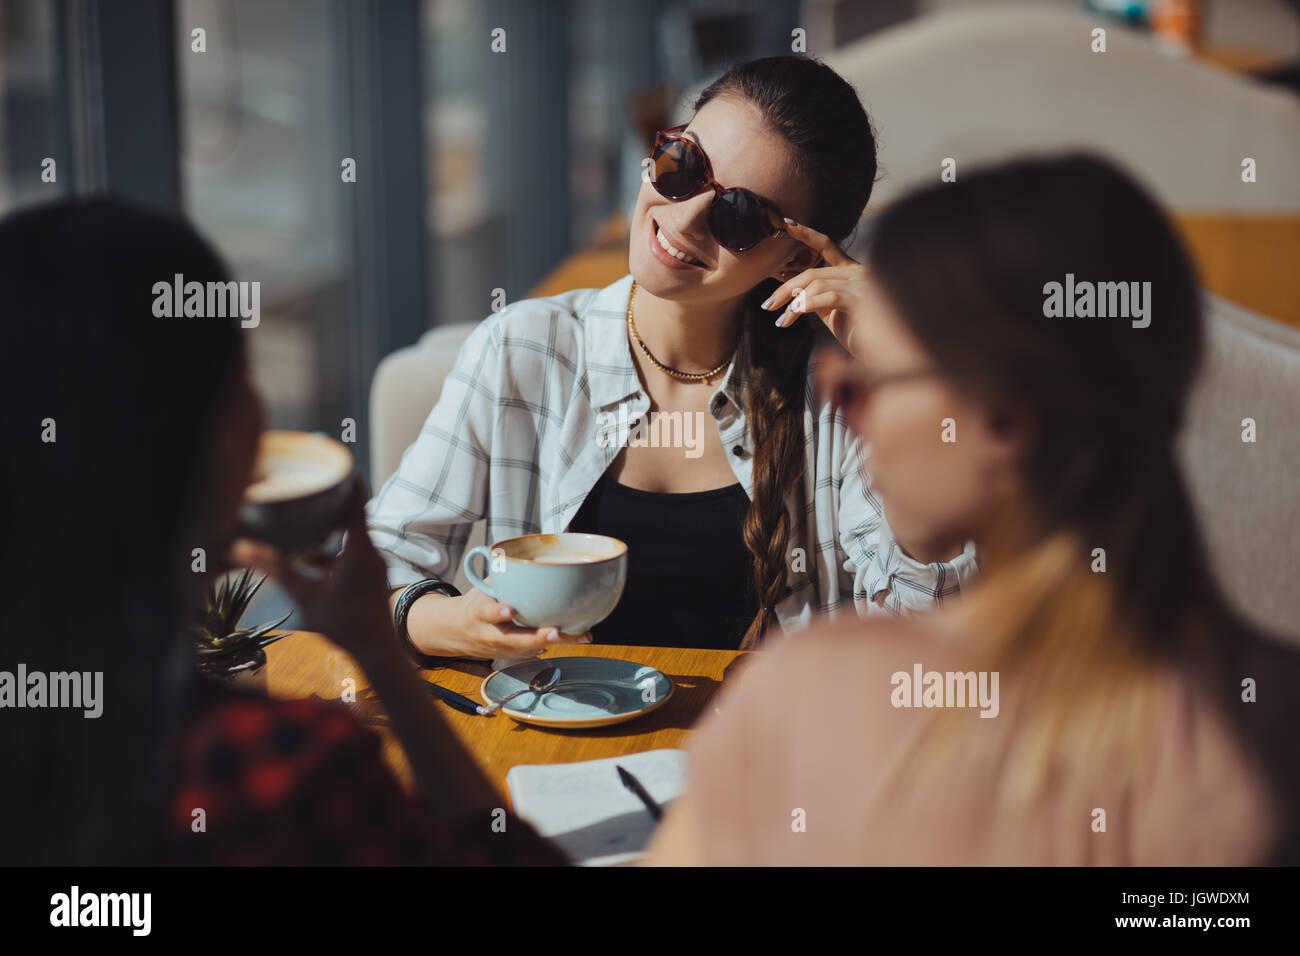 Les jeunes femmes multiculturelle attrayant sur pause cafe Photo Stock